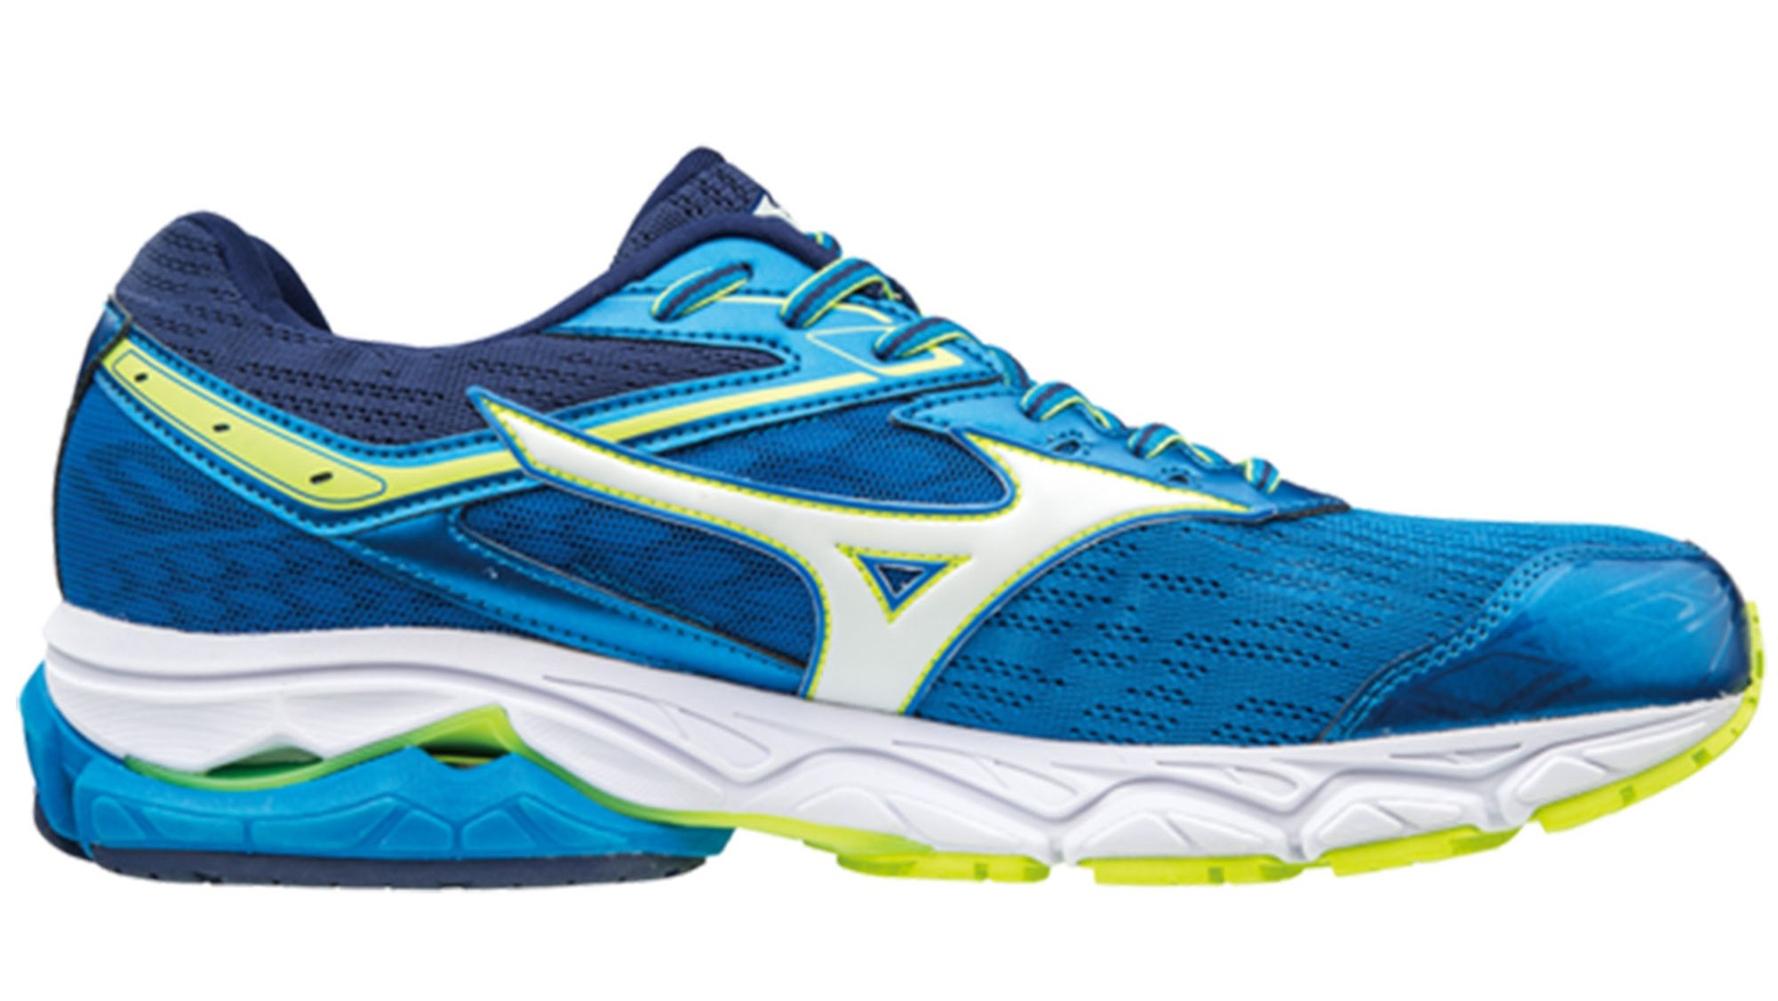 Scarpa Uomo Running Wave Ultima 9 A3 Neutra colore Blu - Mizuno -  SportIT.com 8e63a4709f3